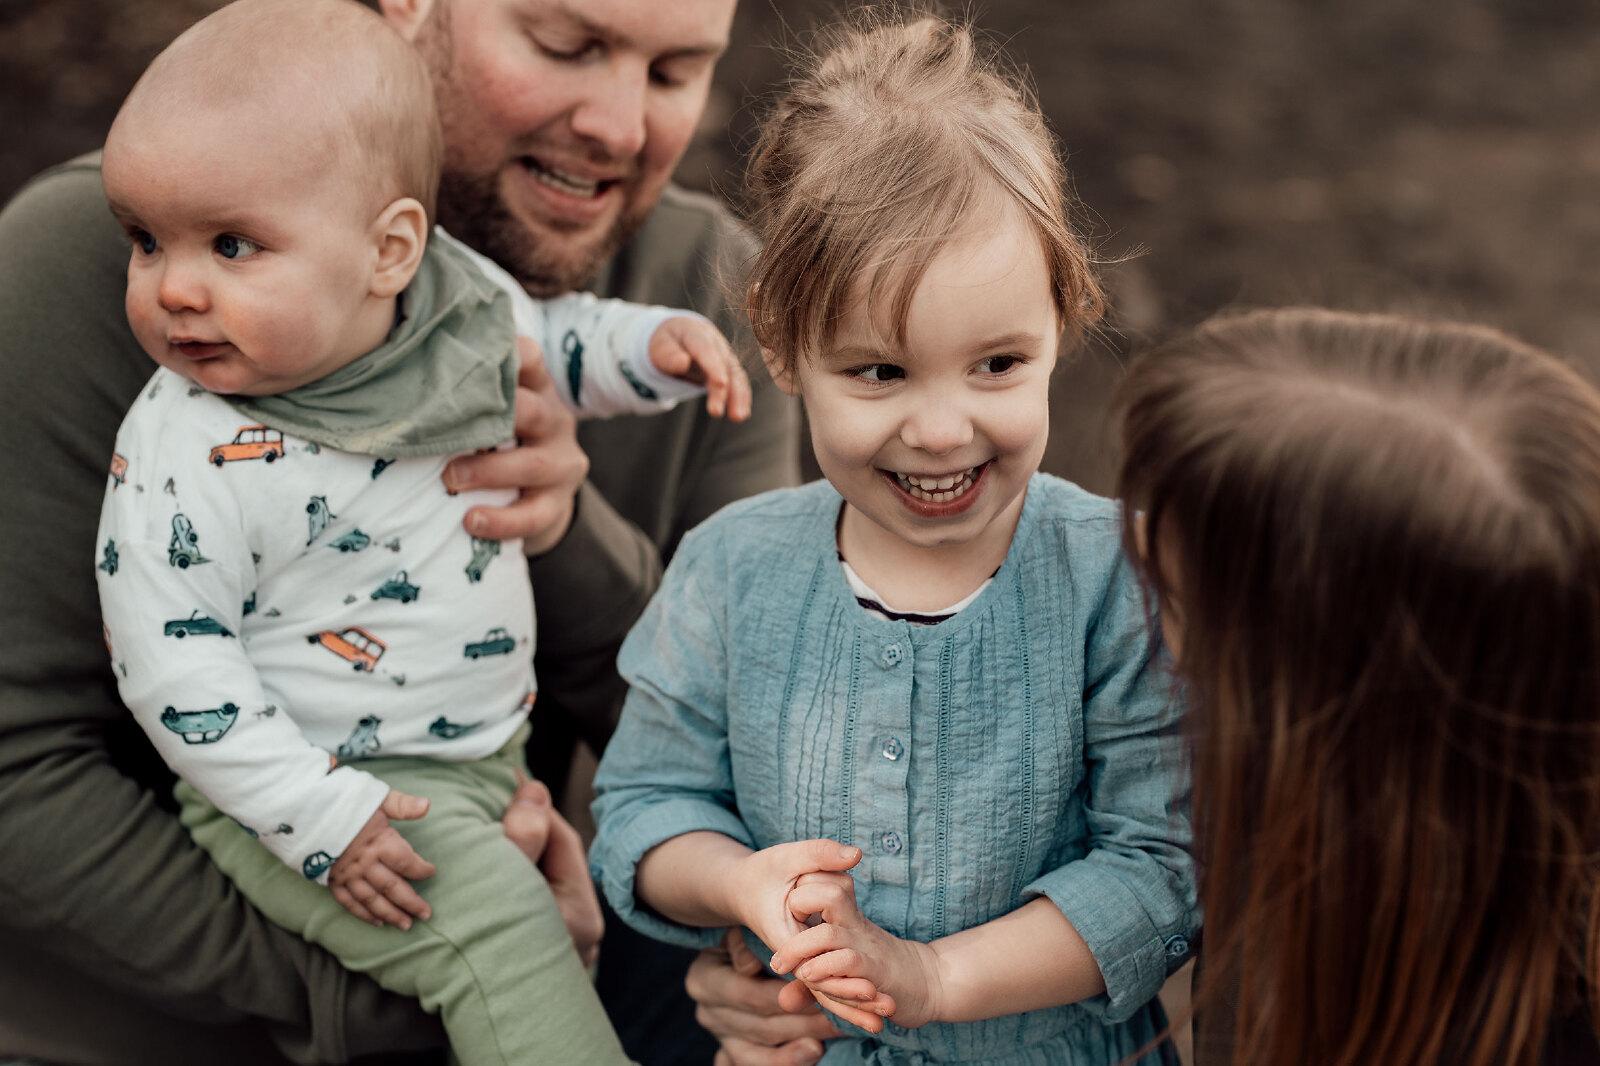 Kinderfotografie meisje lachend